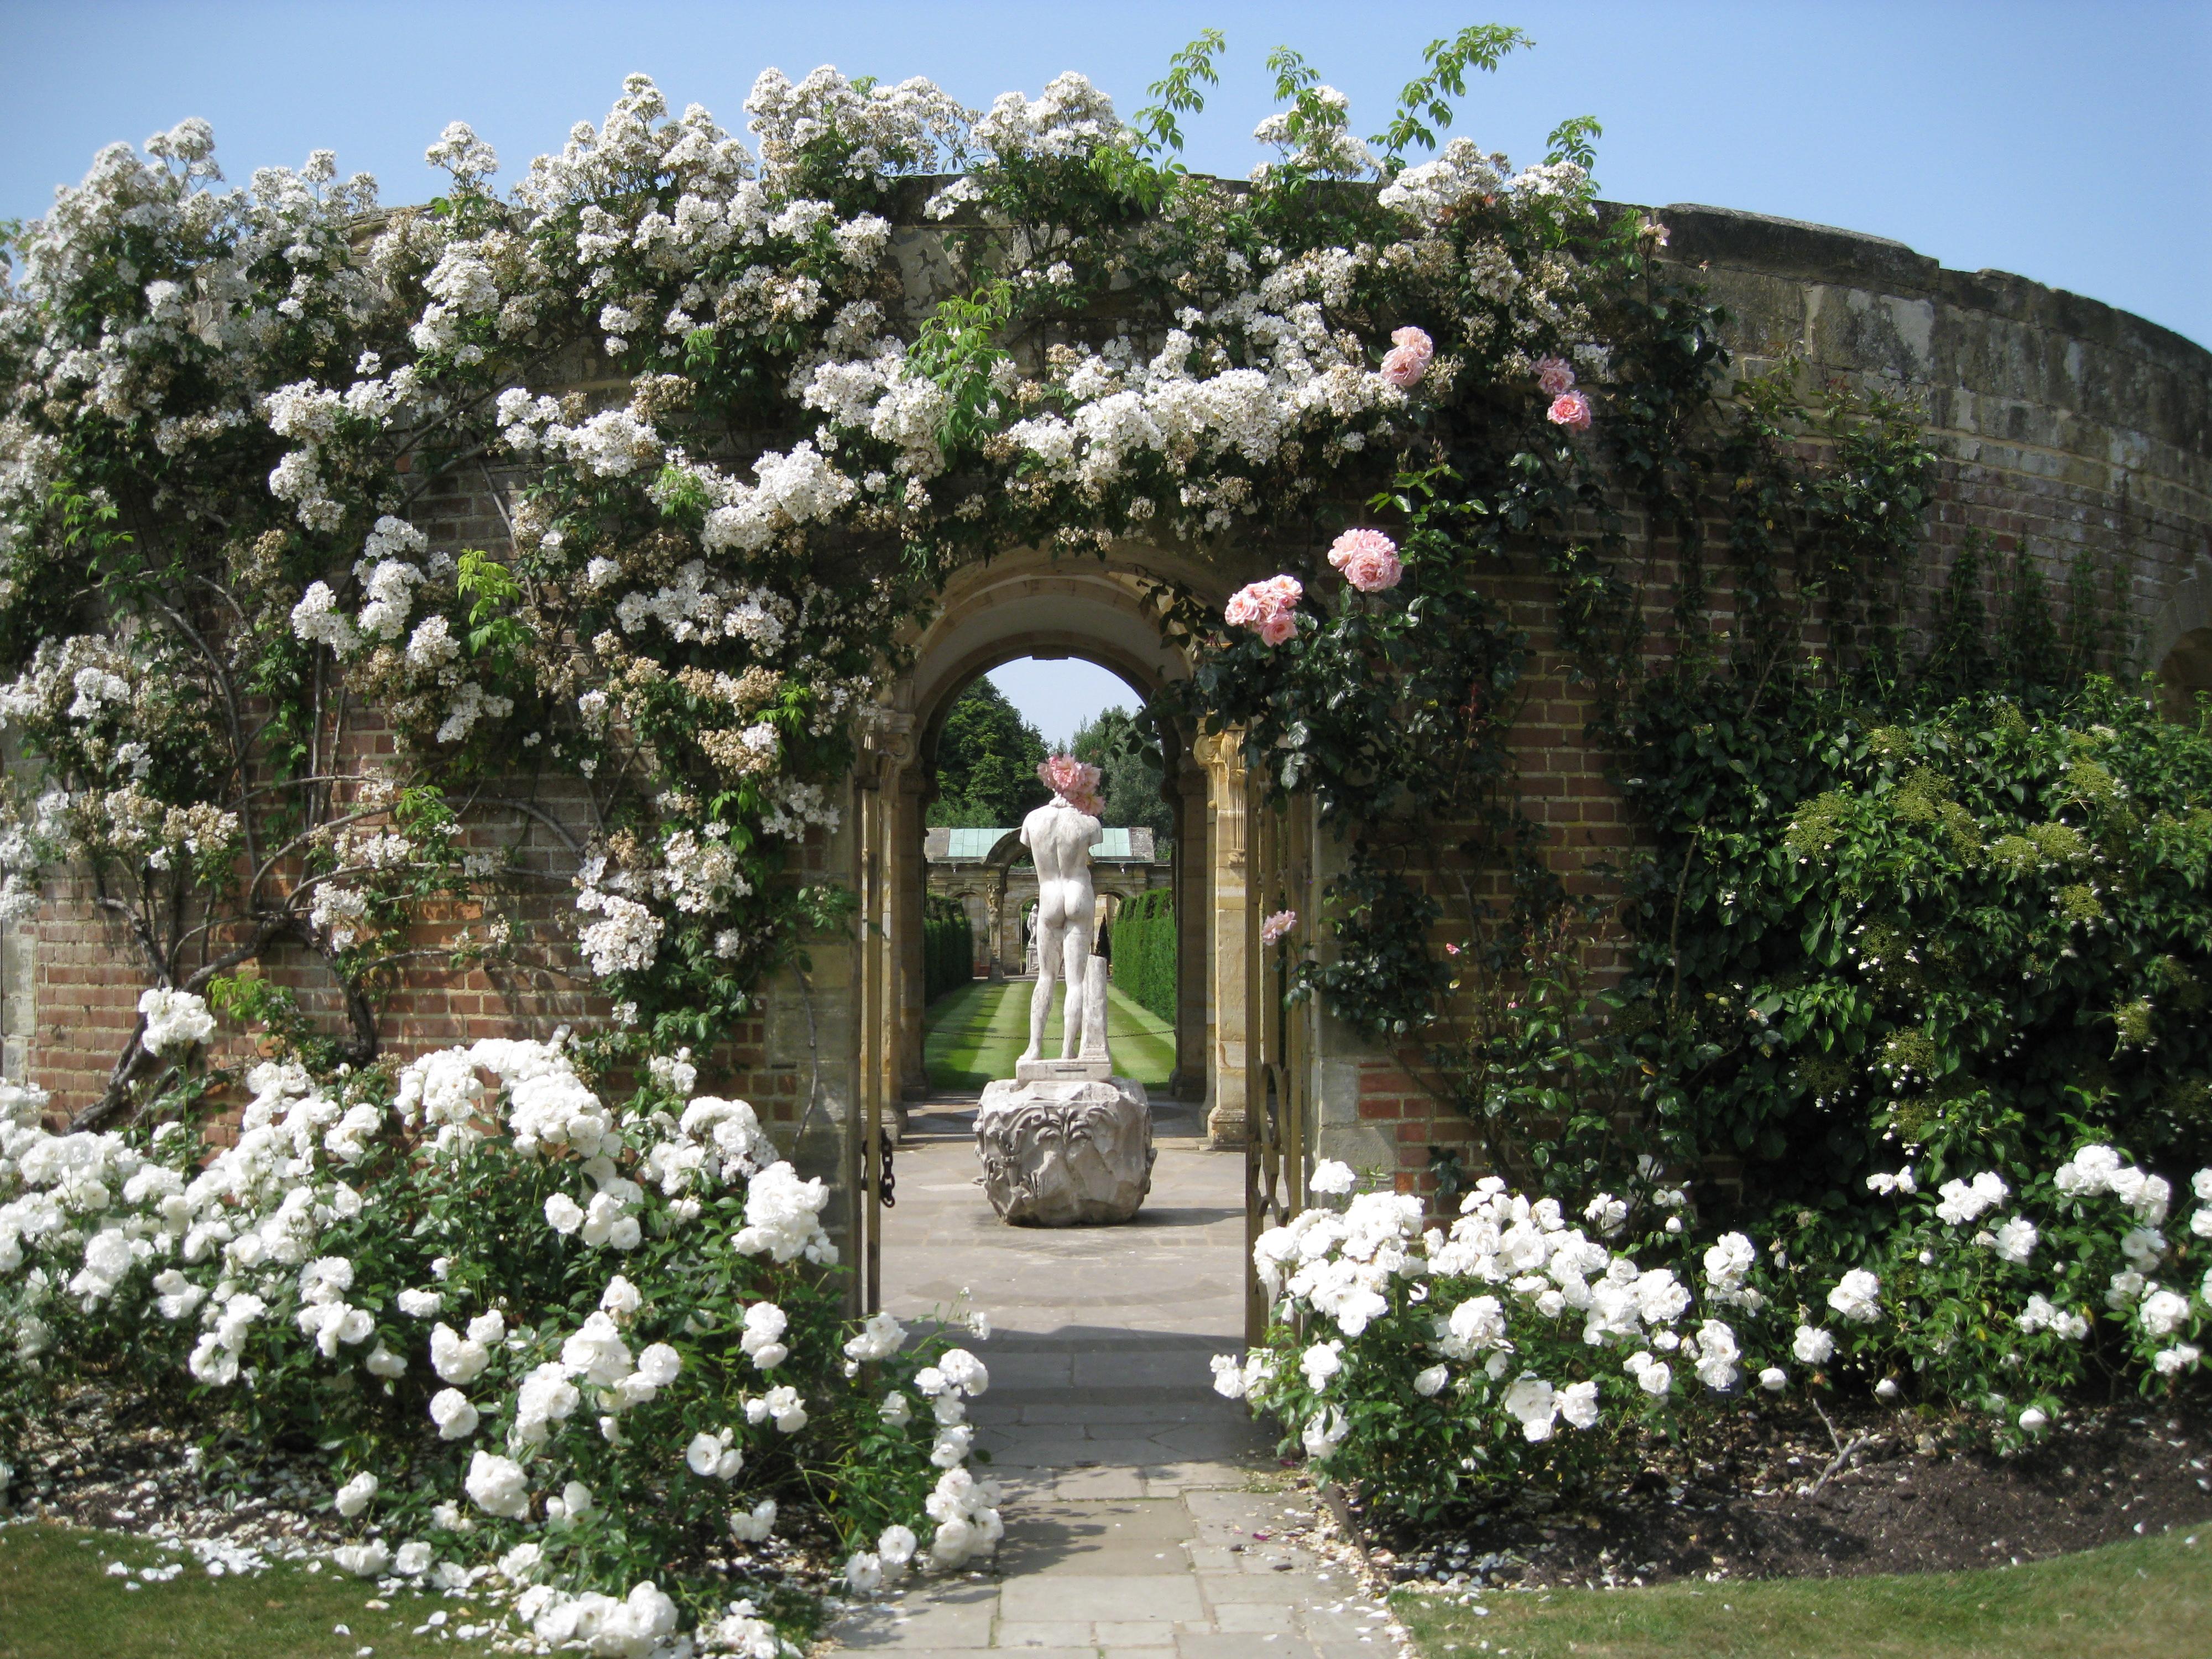 Summer Gardens With Hampton Court Flower Show